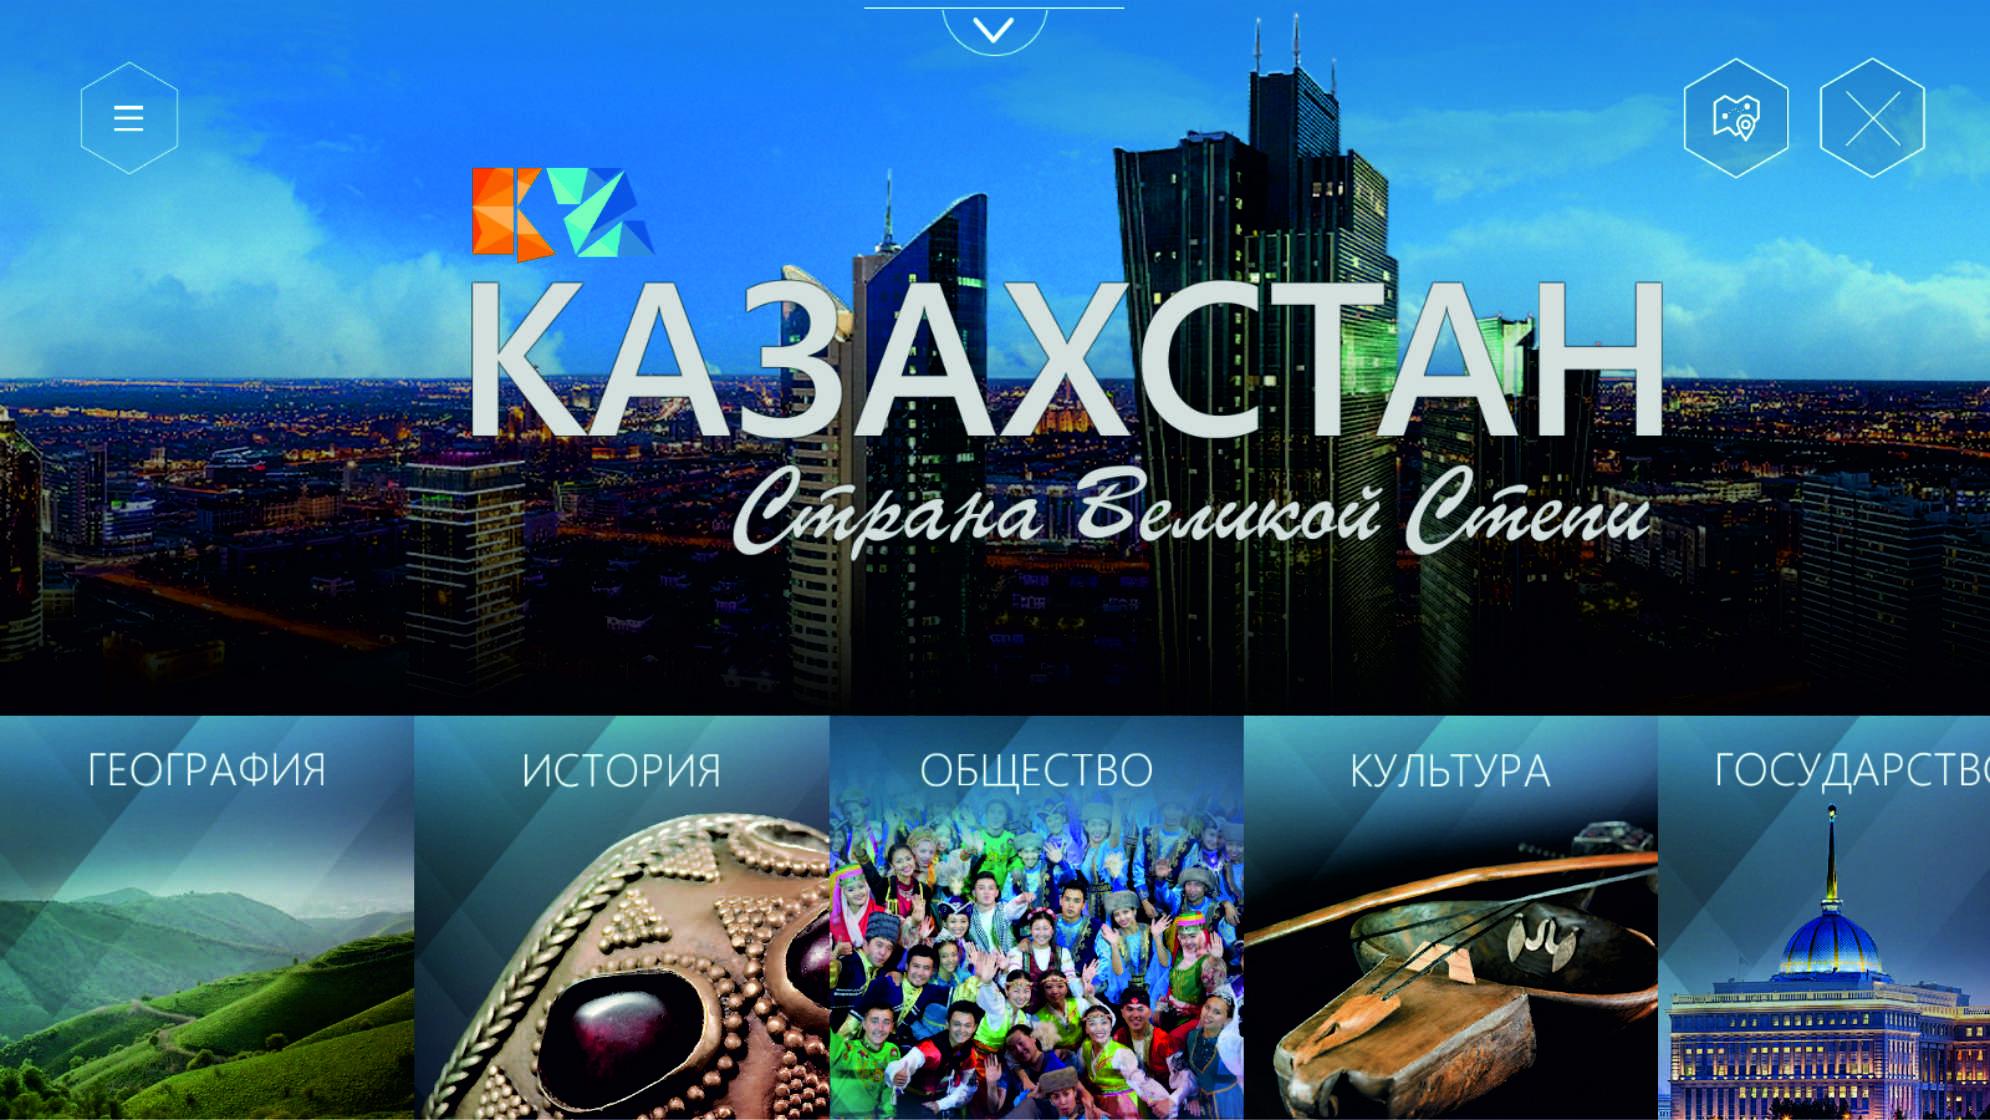 Казахстан - Страна Великой Степи